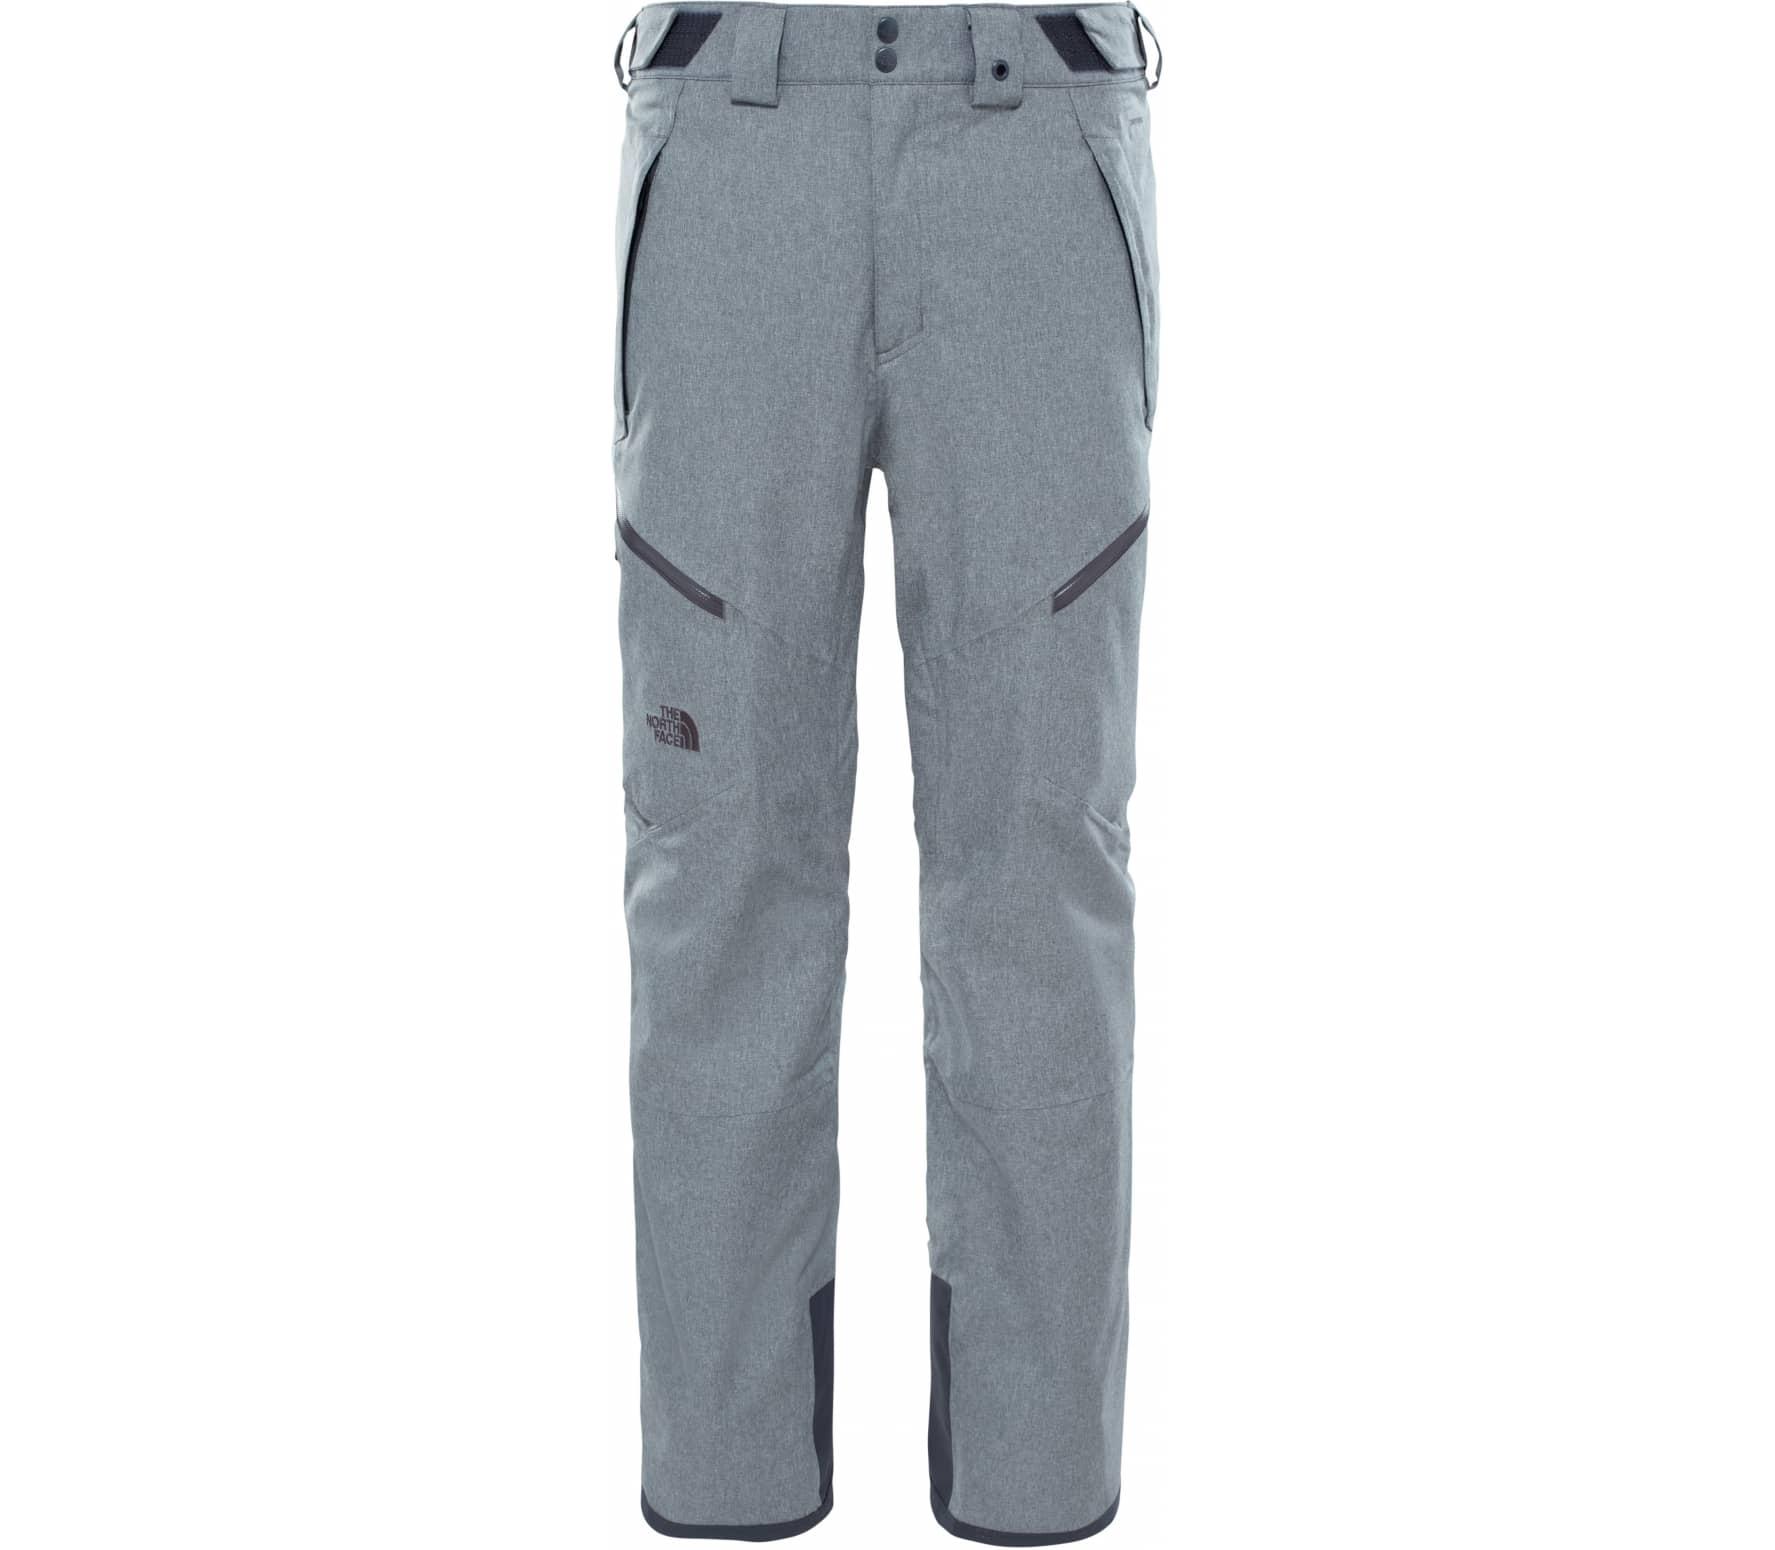 The North Face - Chakal Uomo Pantaloni da sci (grigio) compra online ... b9529844e96e